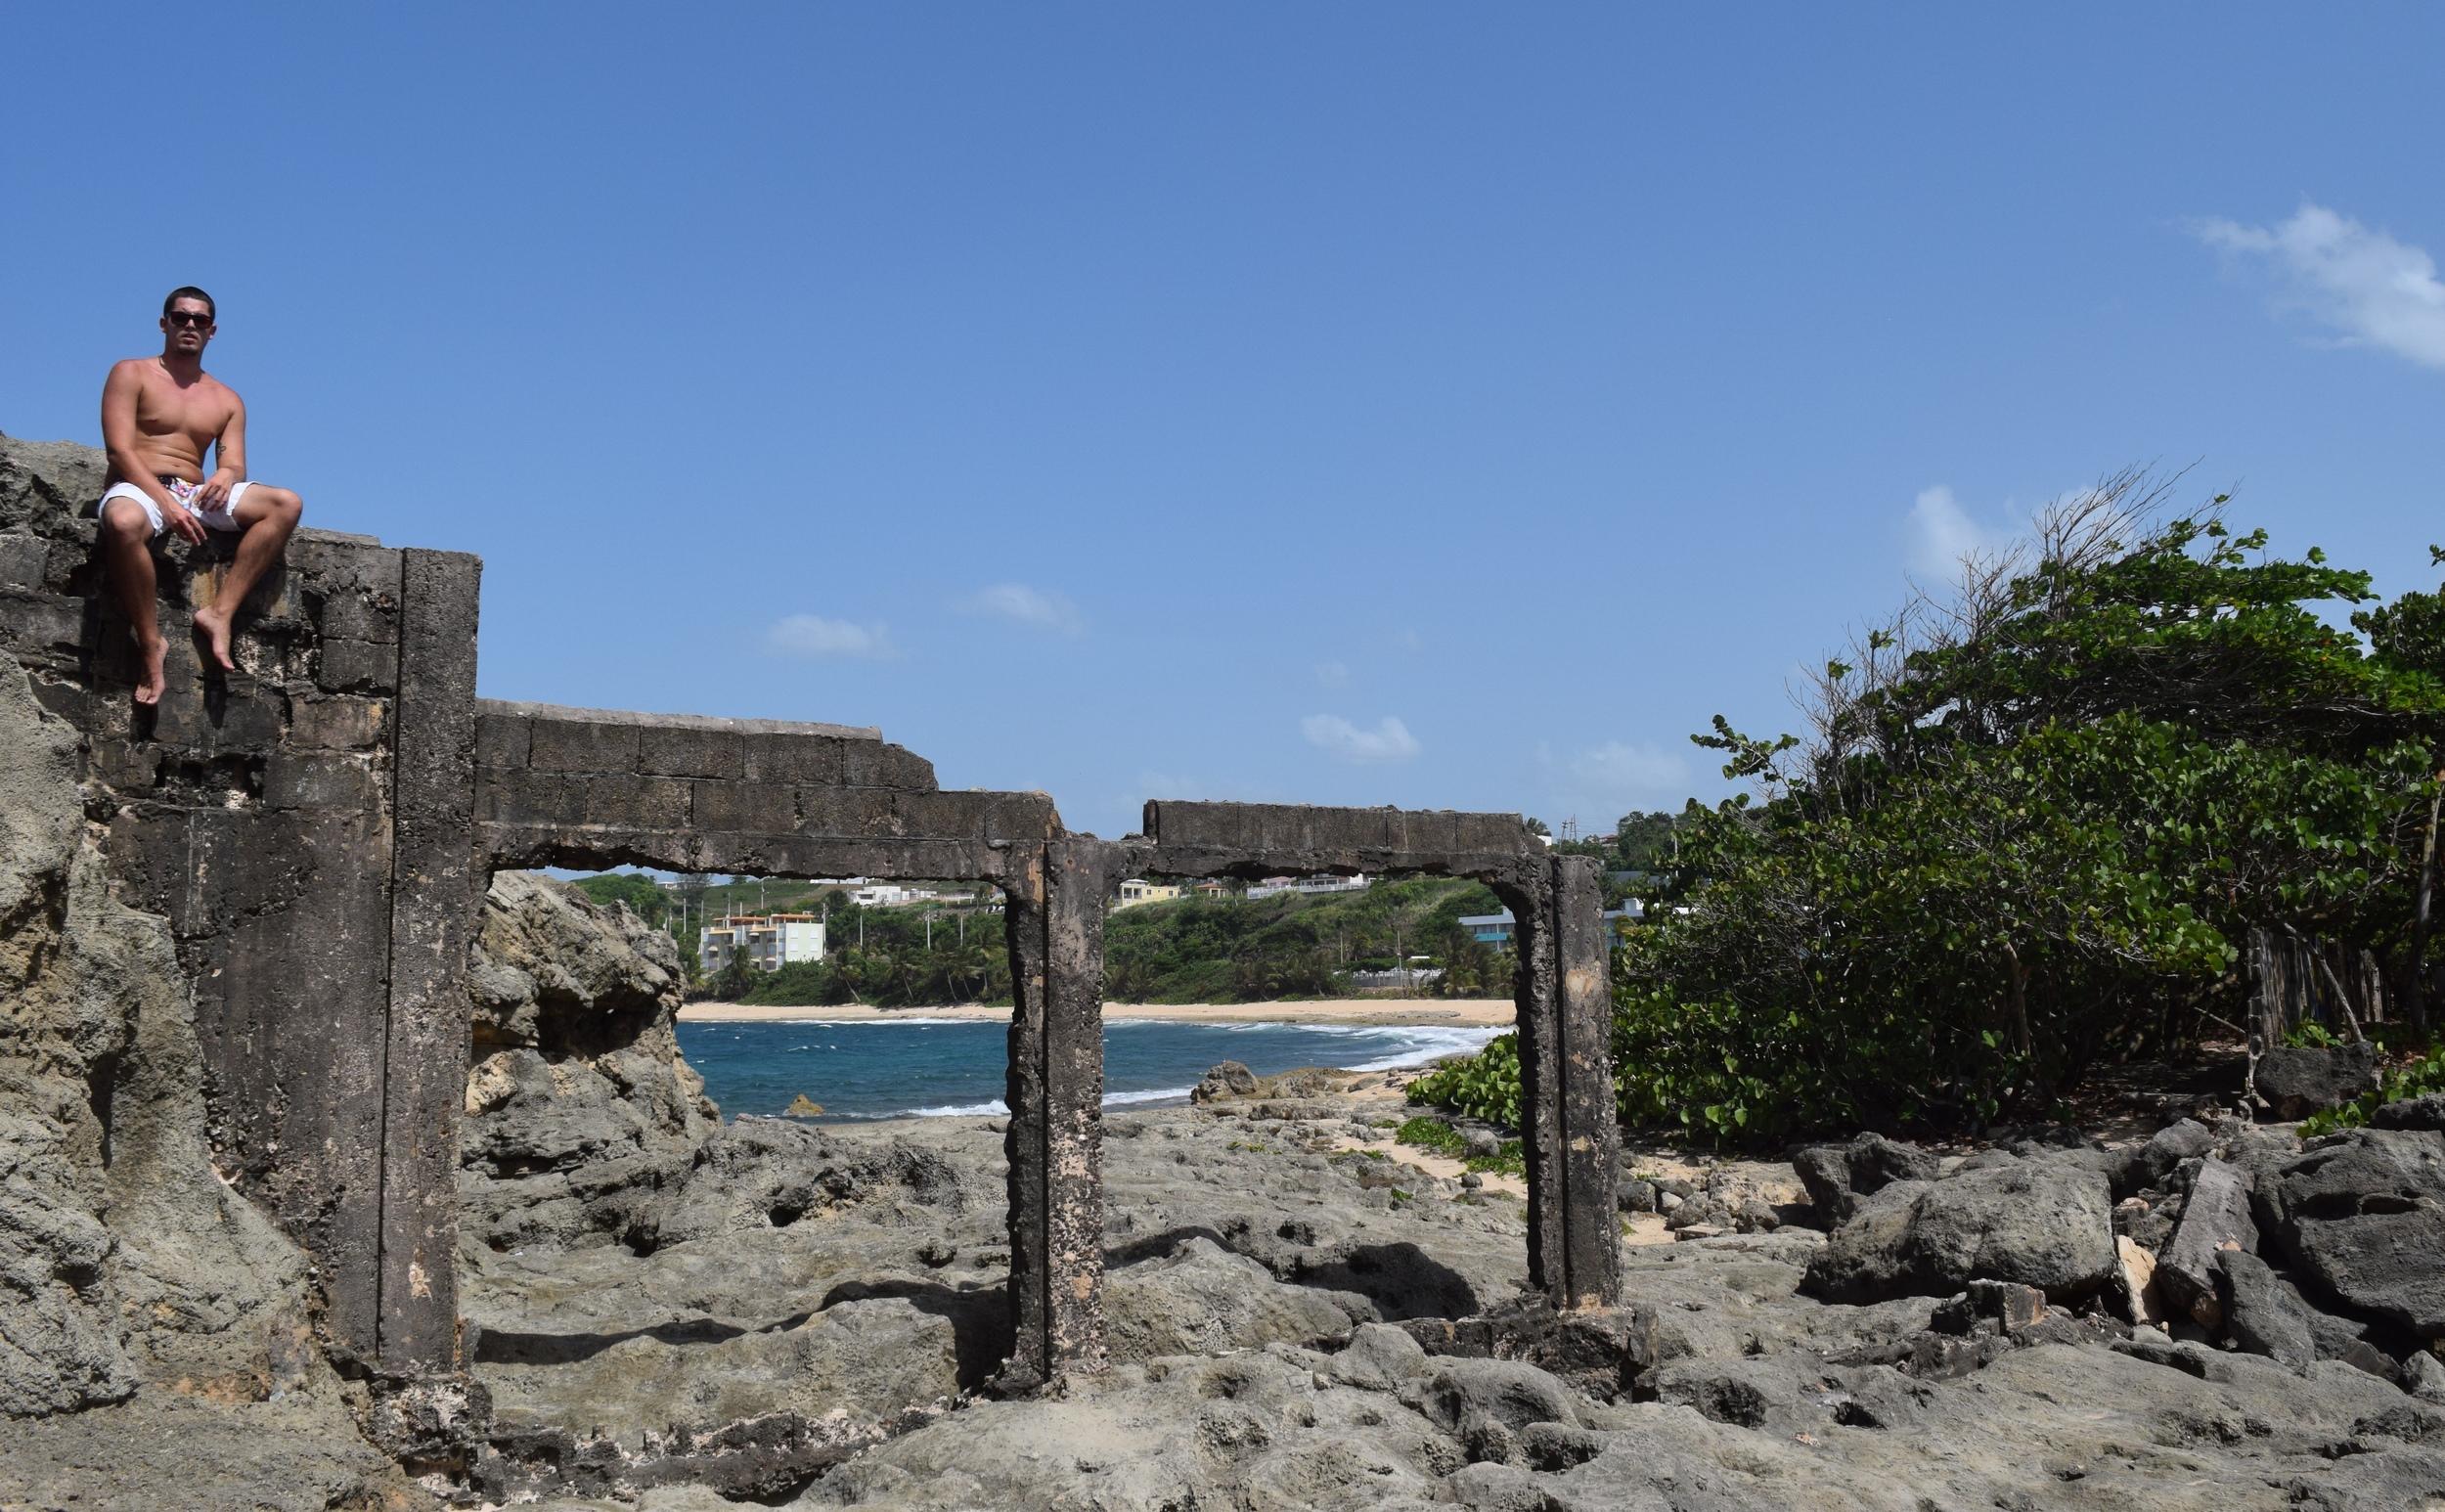 También caminamos por el peñón de la derecha hasta lo que en algún momento fue una edificación de cemento. Allí nos tomamos varias fotos con el mar como fondo. Foto: Yarielis Martínez